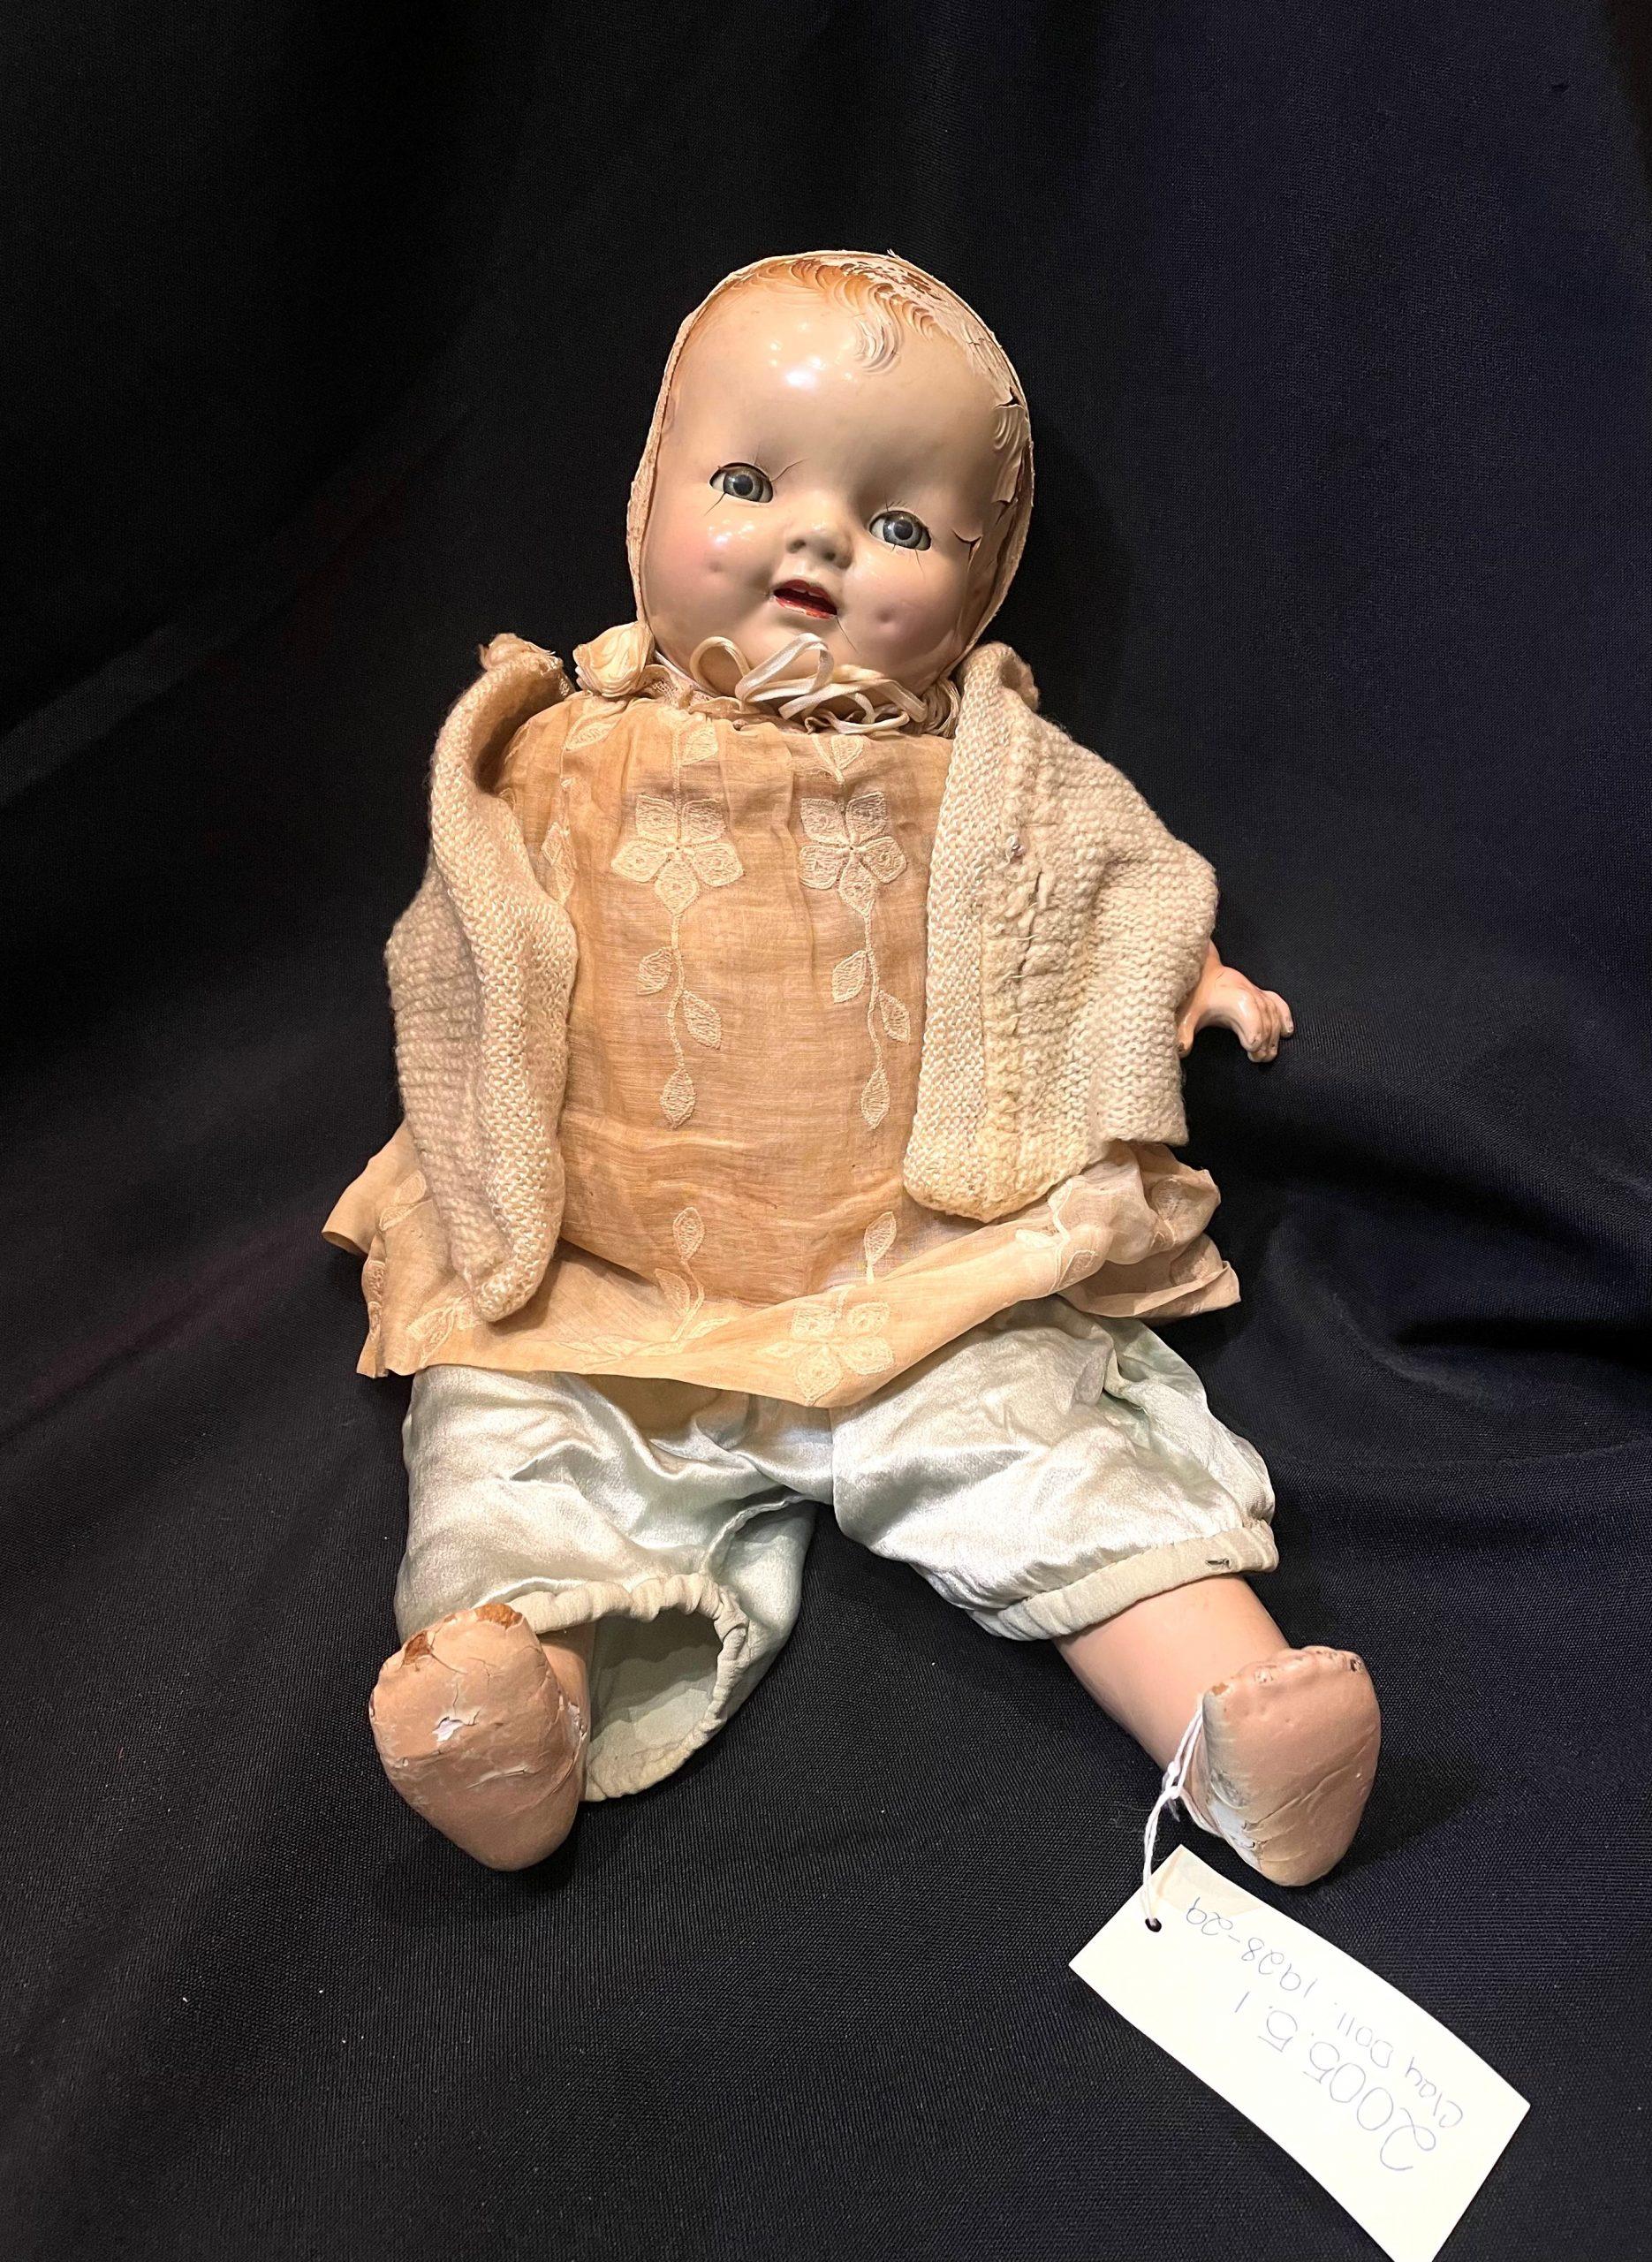 Tuesday Treasure: Dolls & Figurines